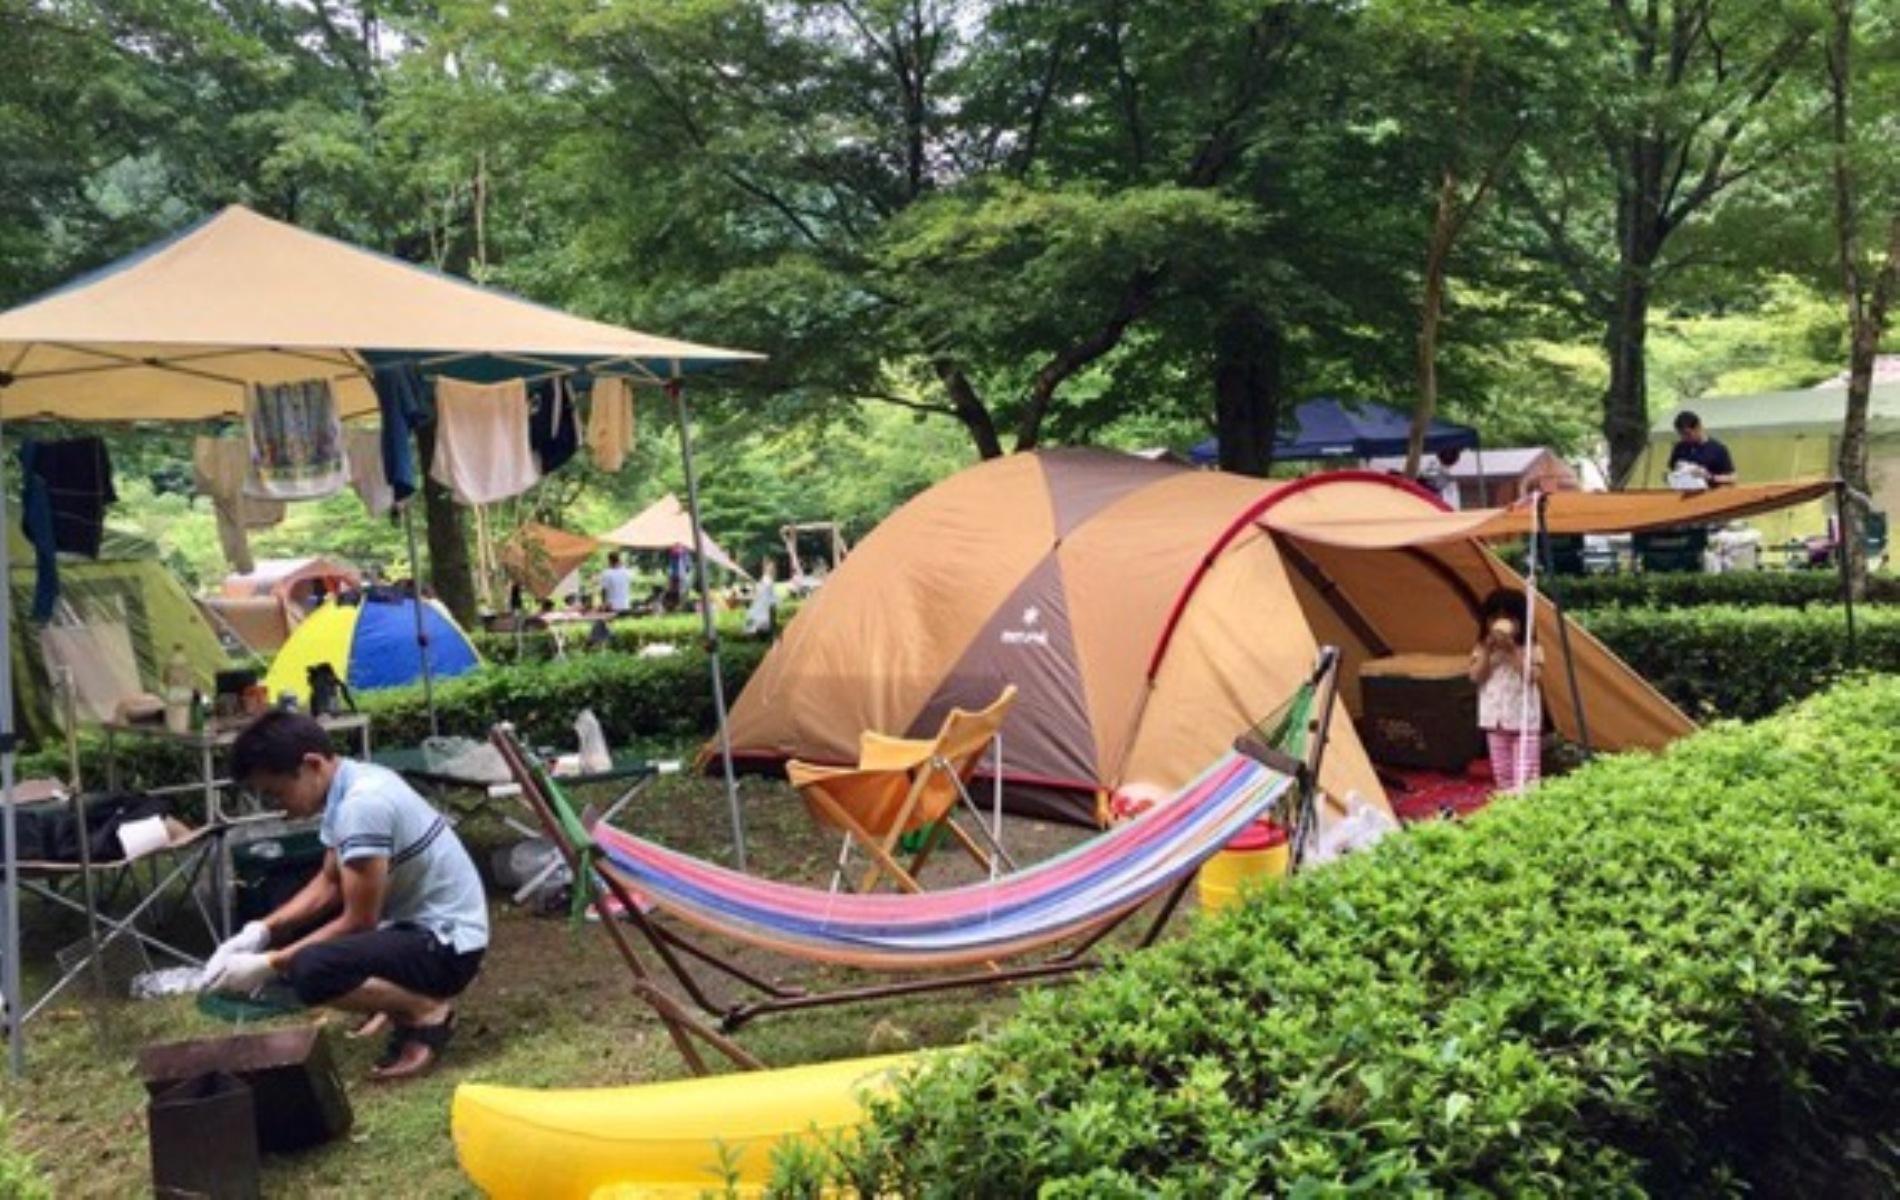 大久保キャンプ場 | オートキャンプサイト